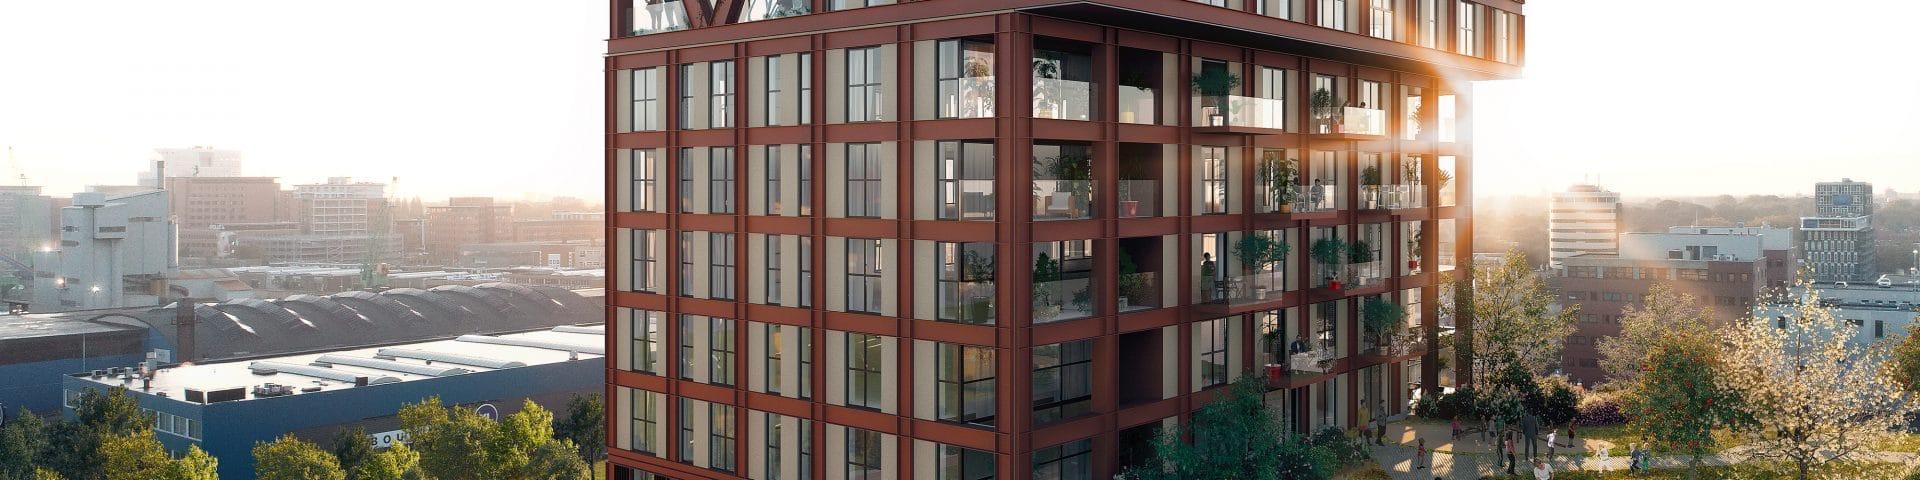 Binckhorst krijgt verticale stadswijk